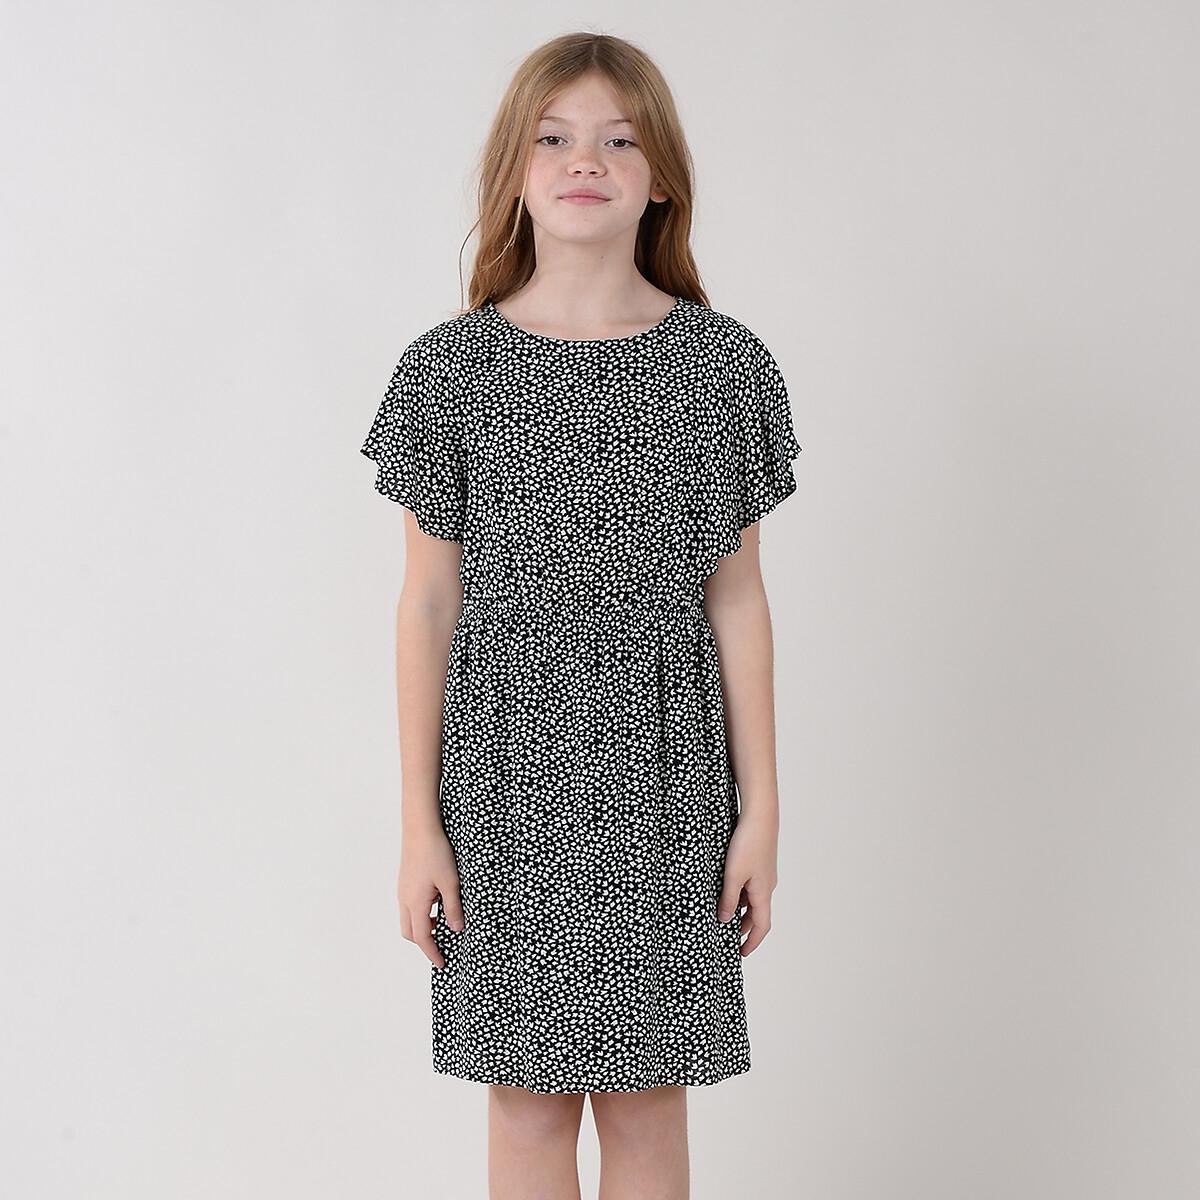 Платье LaRedoute Струящееся с принтом 4-14 лет 8/10 лет - 126/138см черный